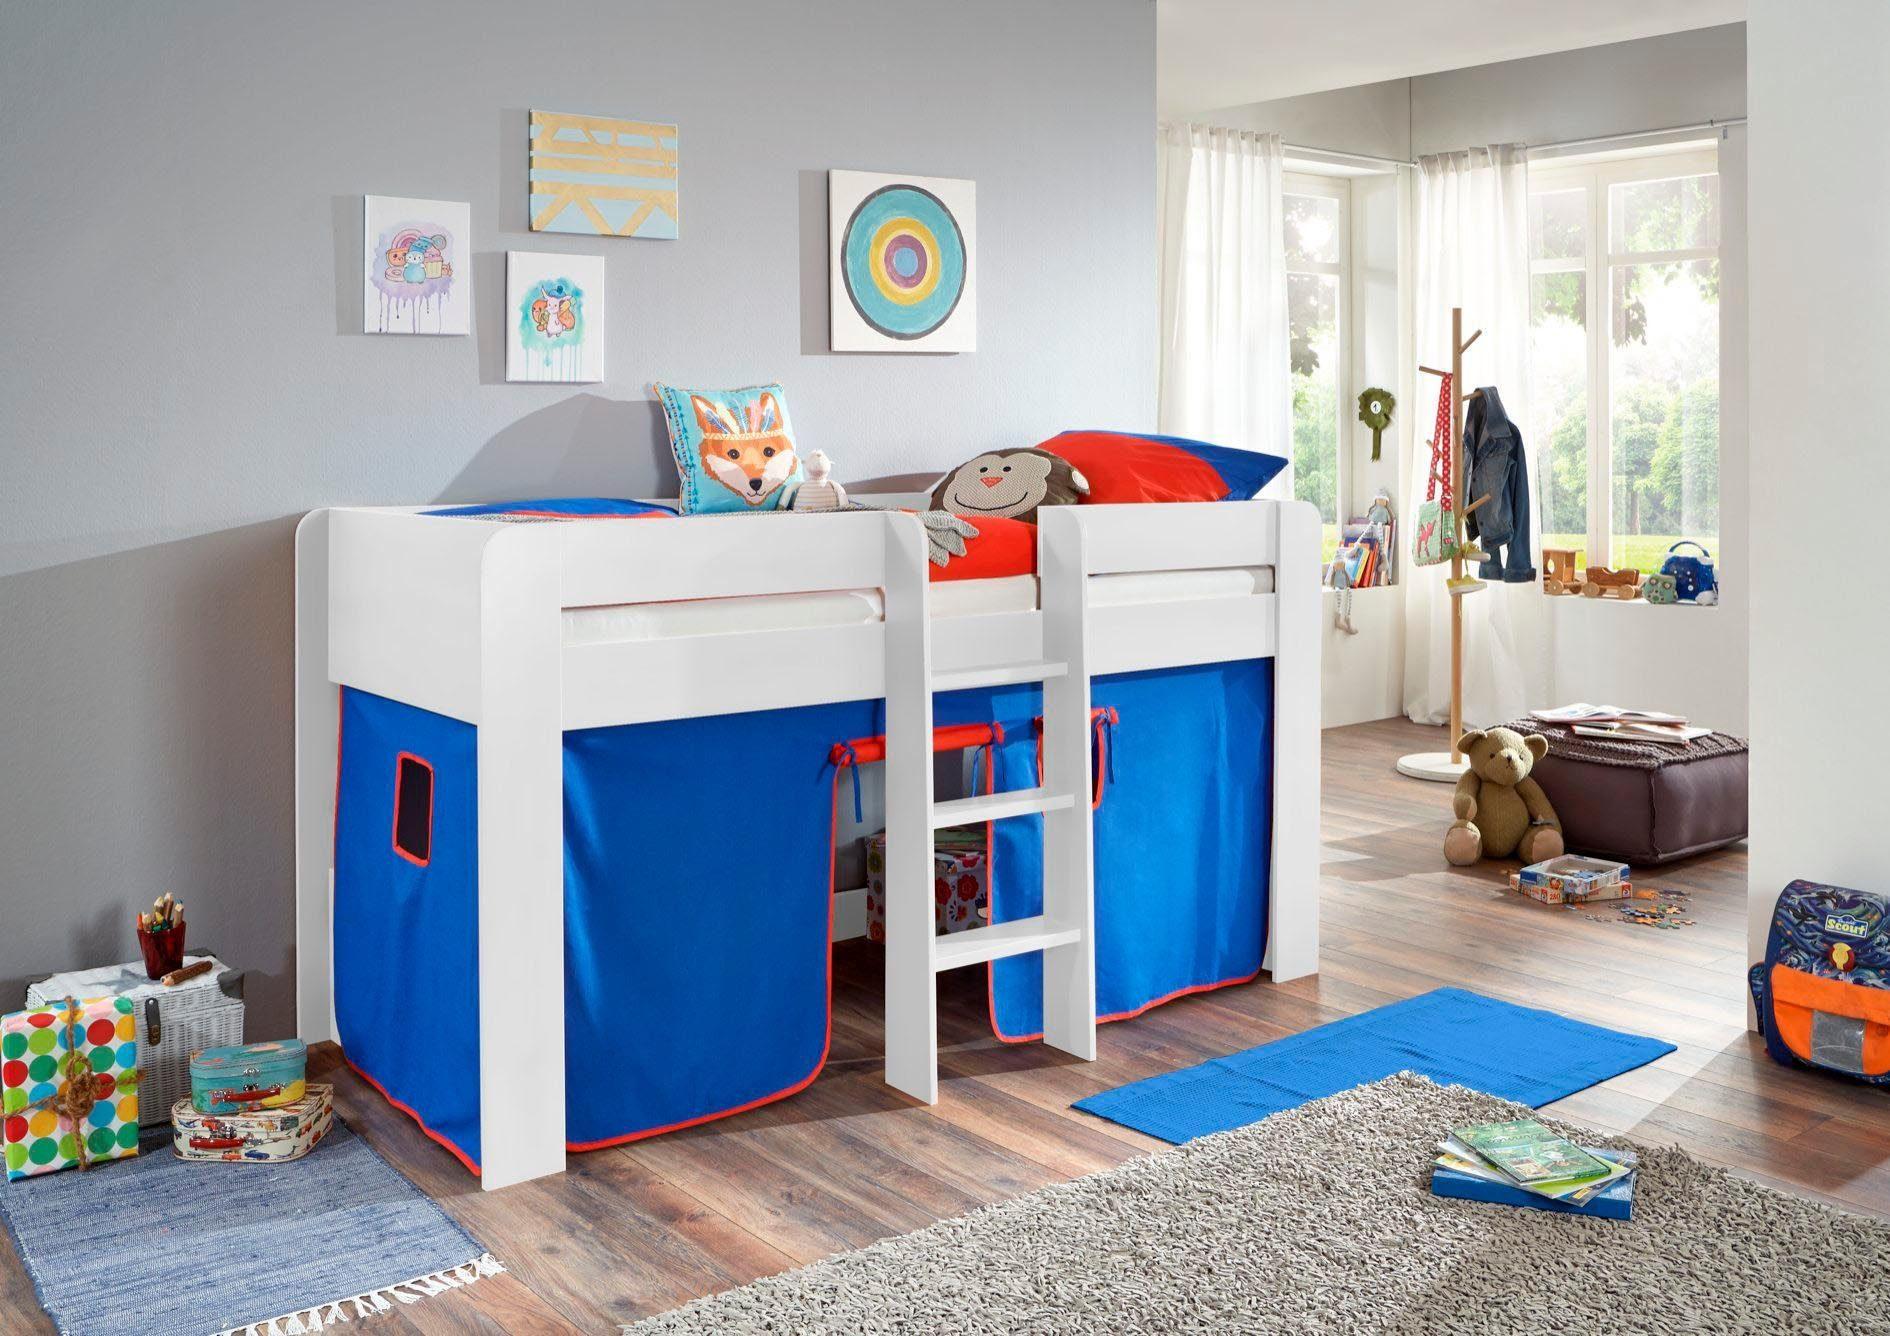 Etagenbett Vorhang Blau : Flexa vorhang blau hoch etagenbetten und andere betten von